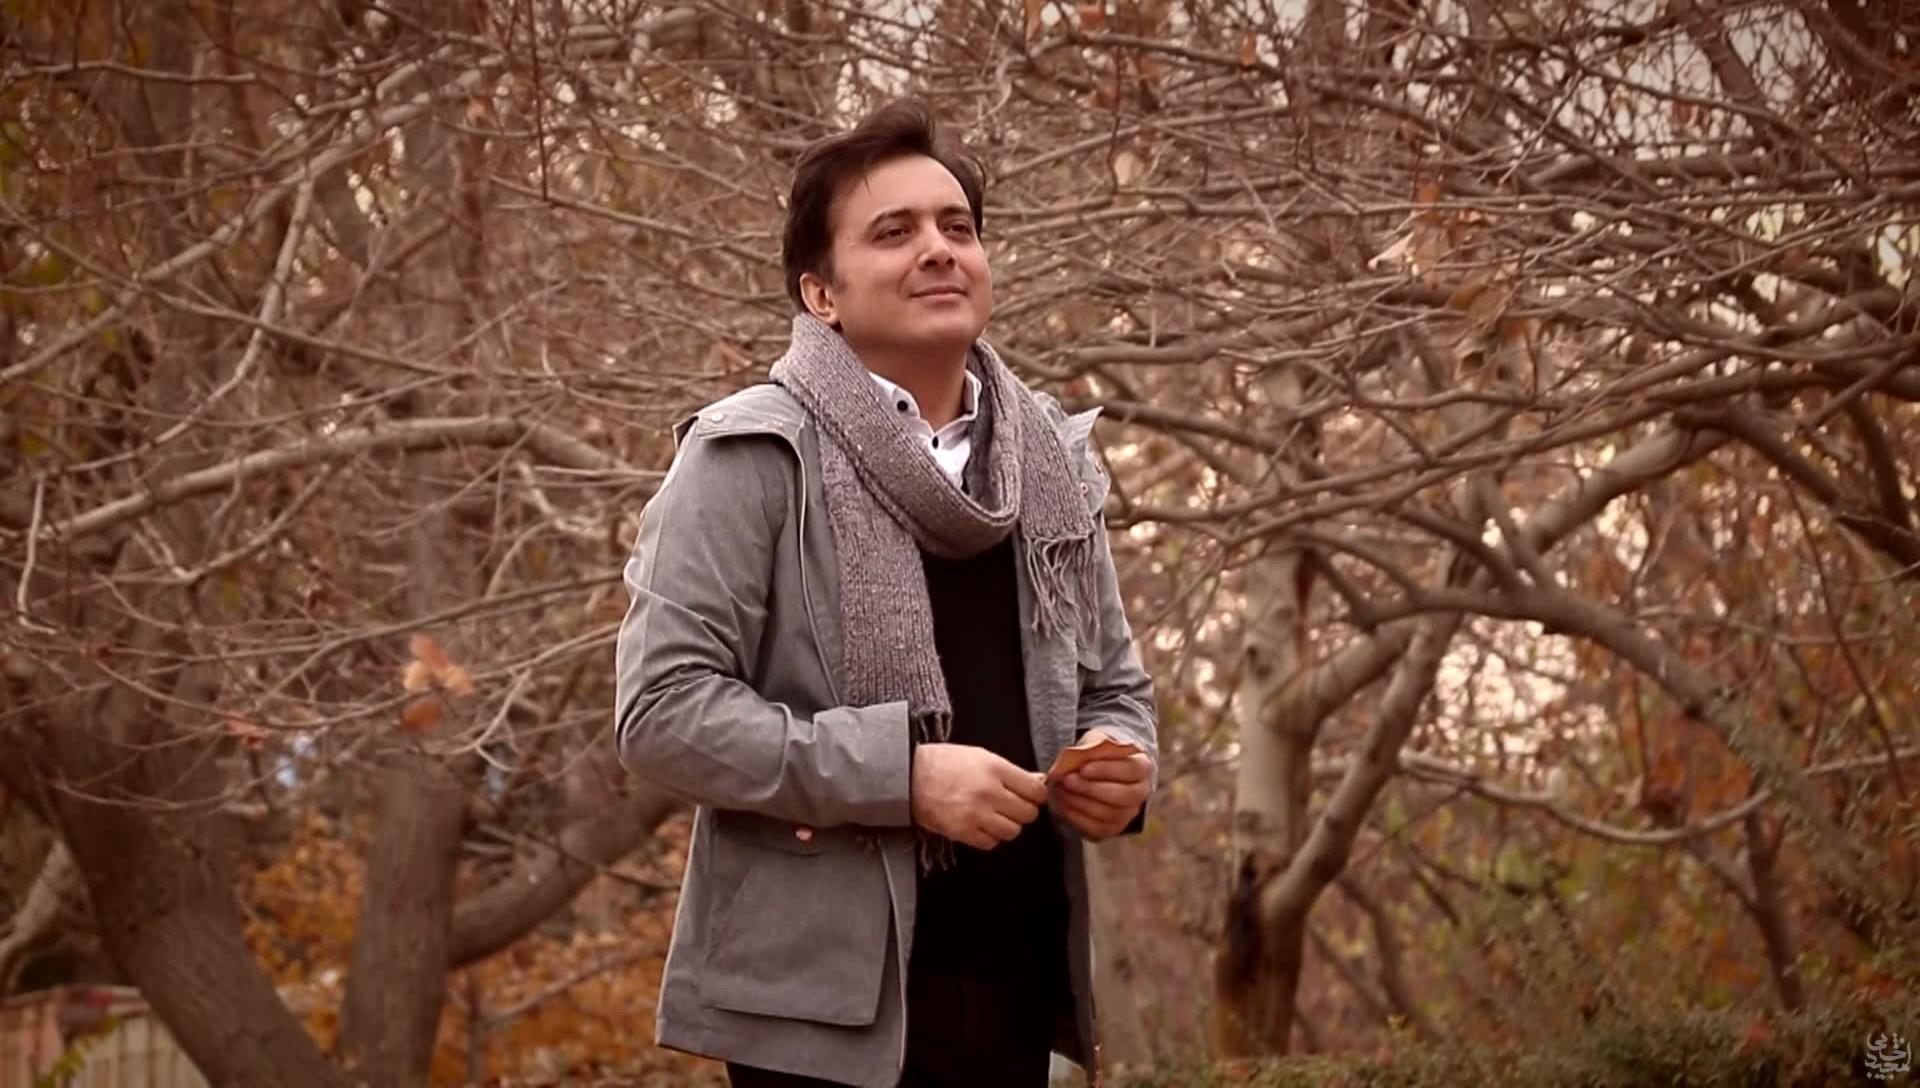 پیام مجید اخشابی در راستای انتشار کلیپ «انتخاب من»